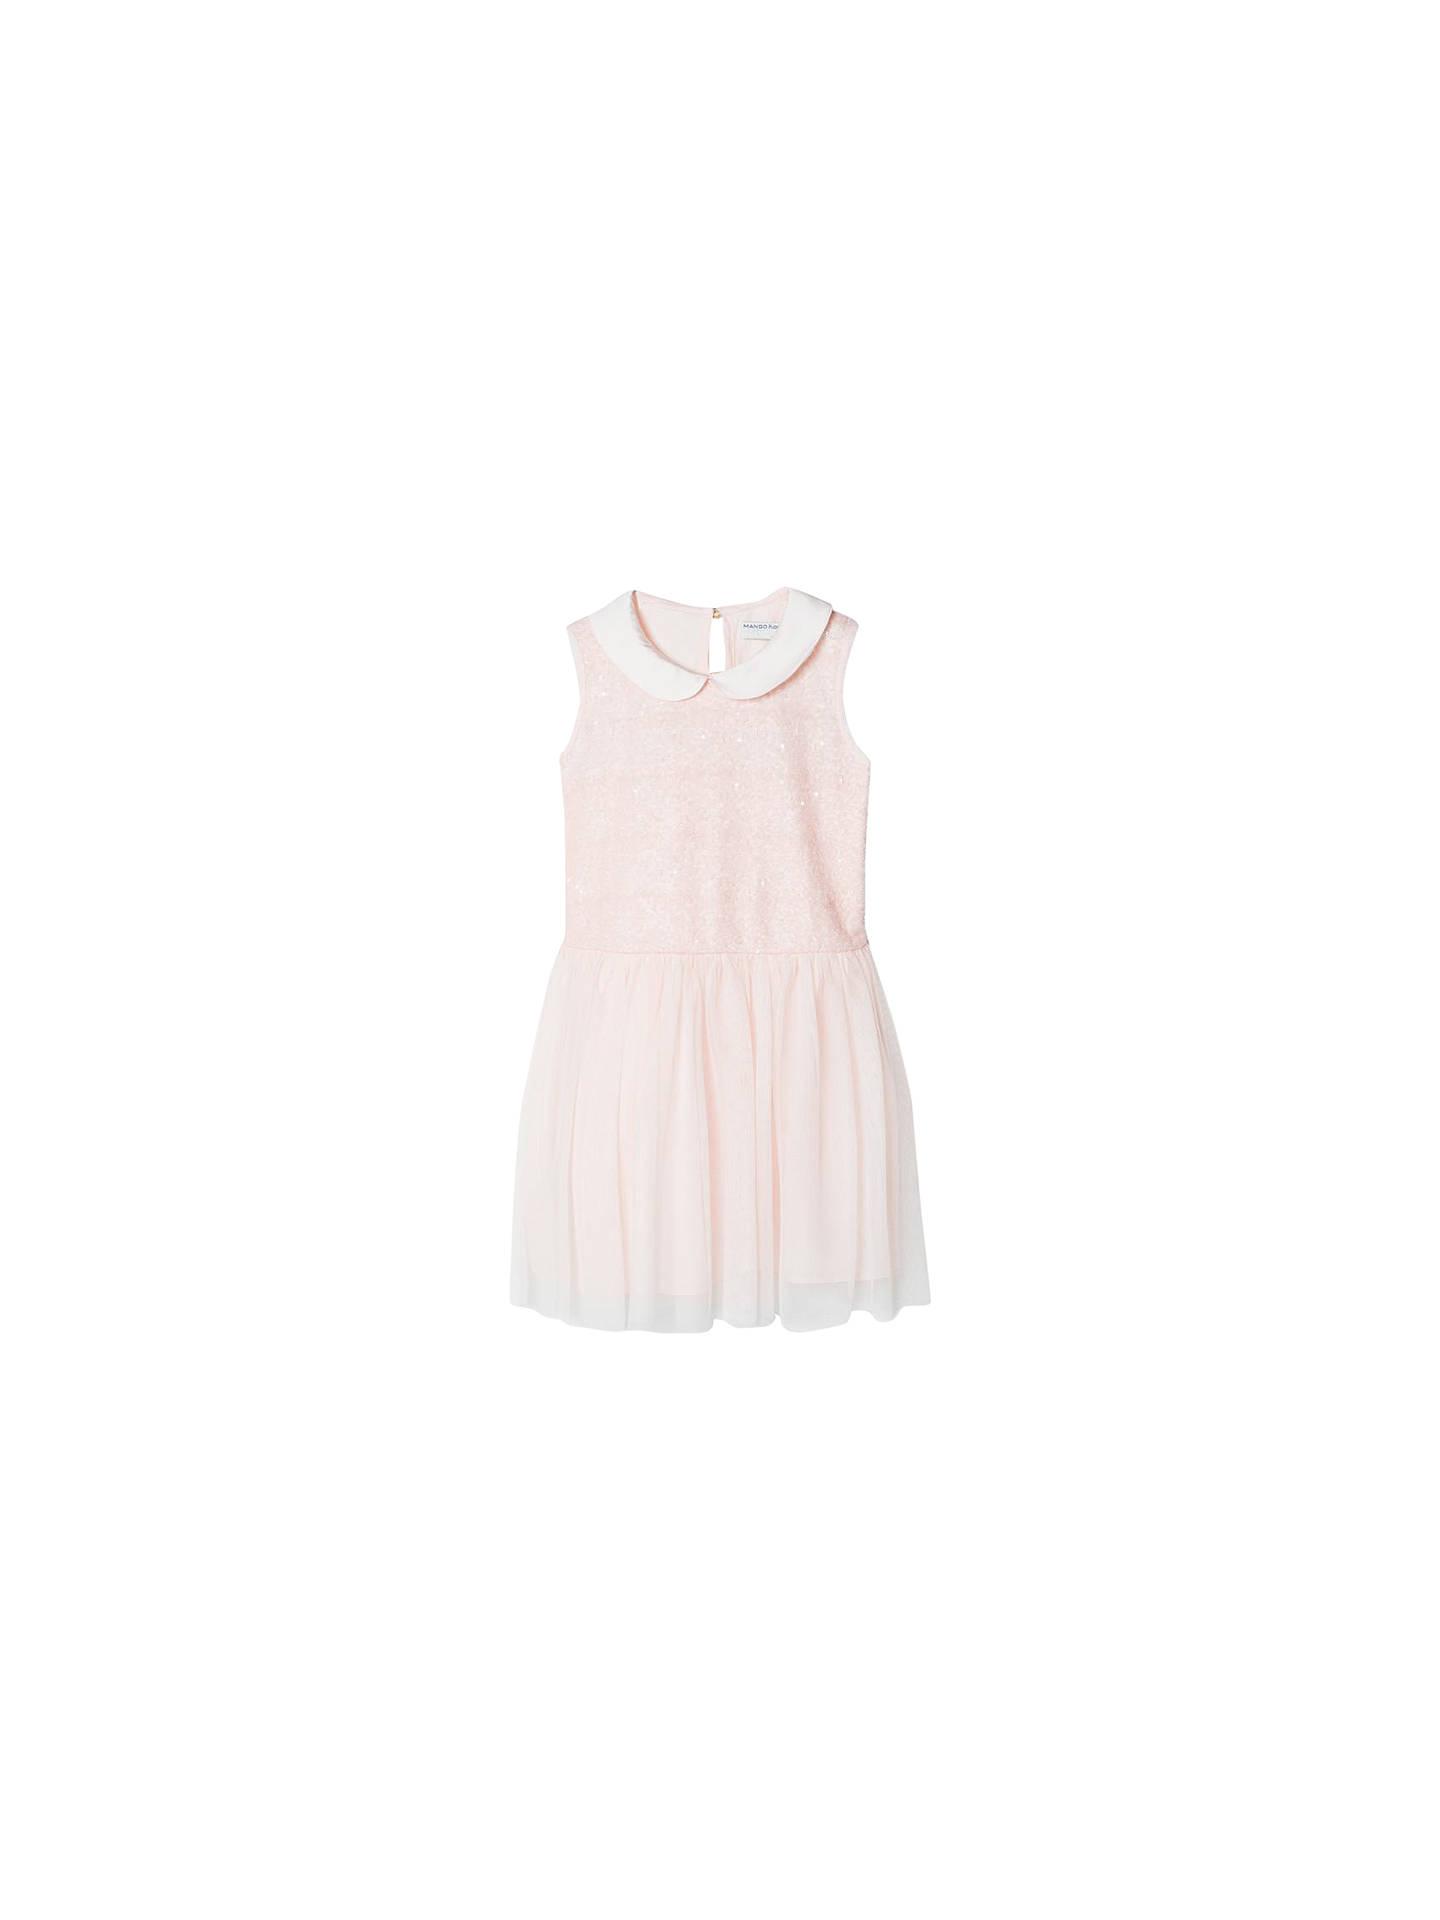 9f4b5c7296 Mango Kids Girls' Sequin Tulle Dress, Pastel Pink at John Lewis ...